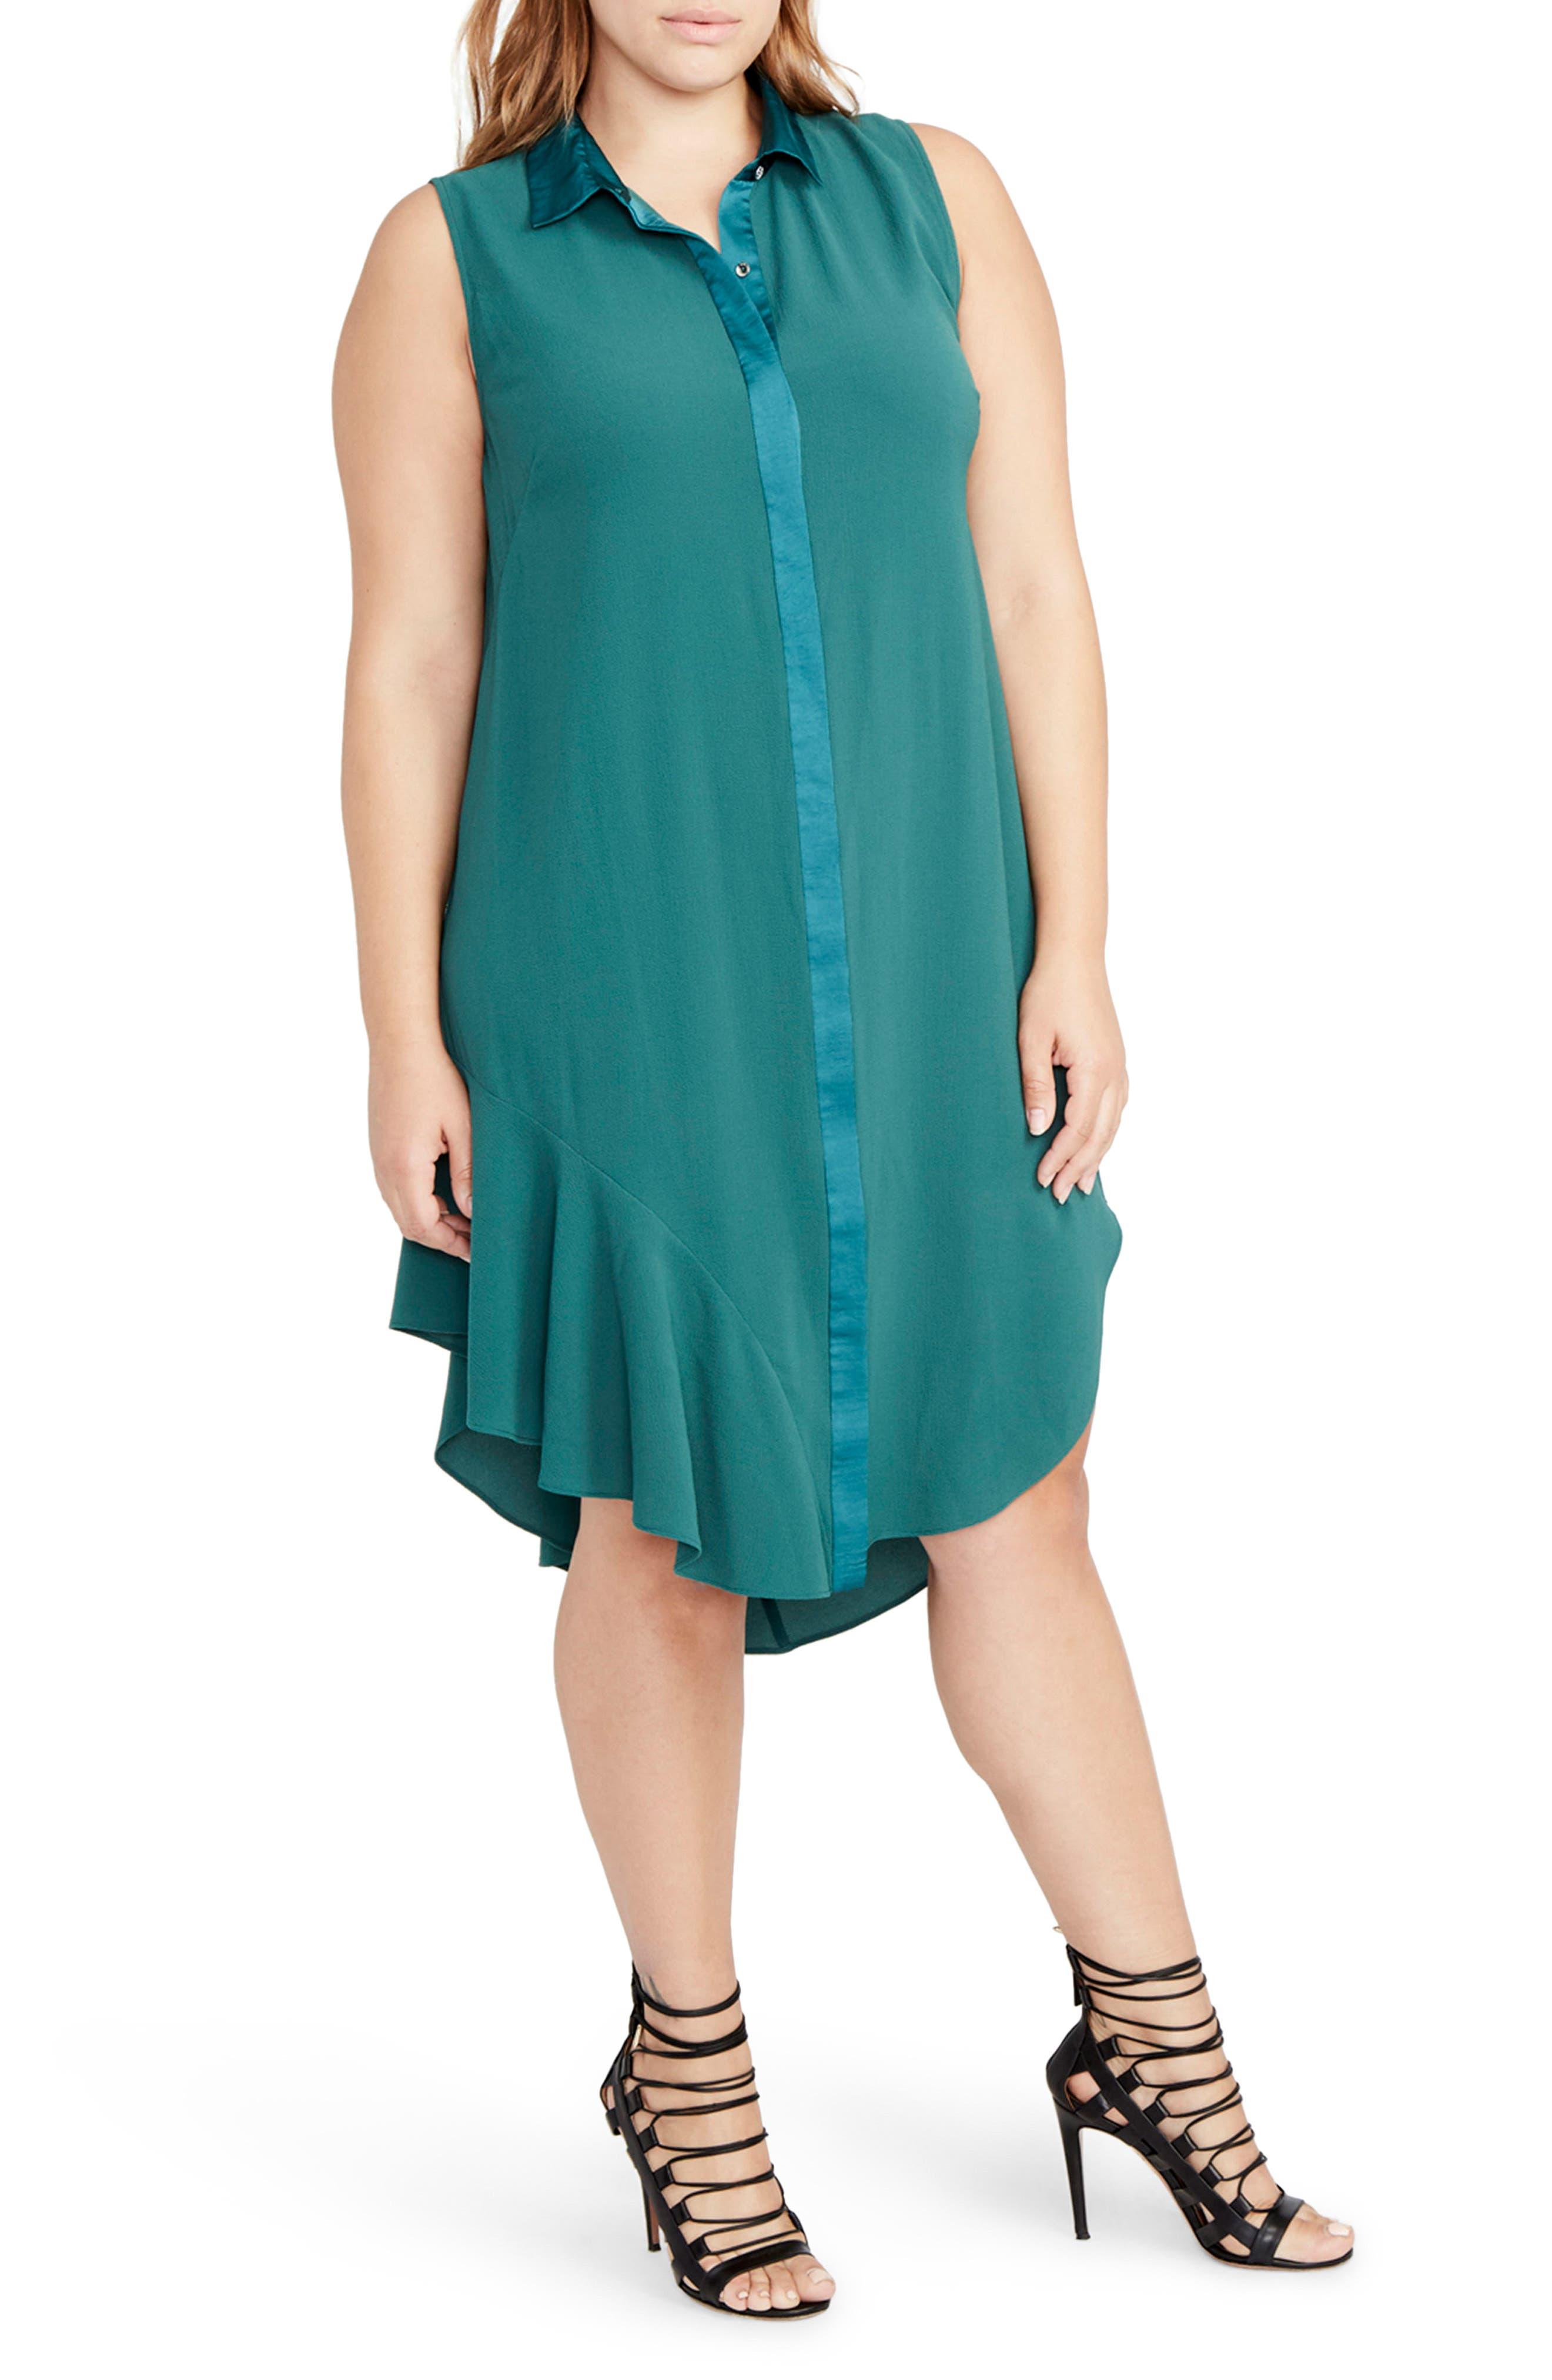 Combo Shirtdress,                         Main,                         color, 304